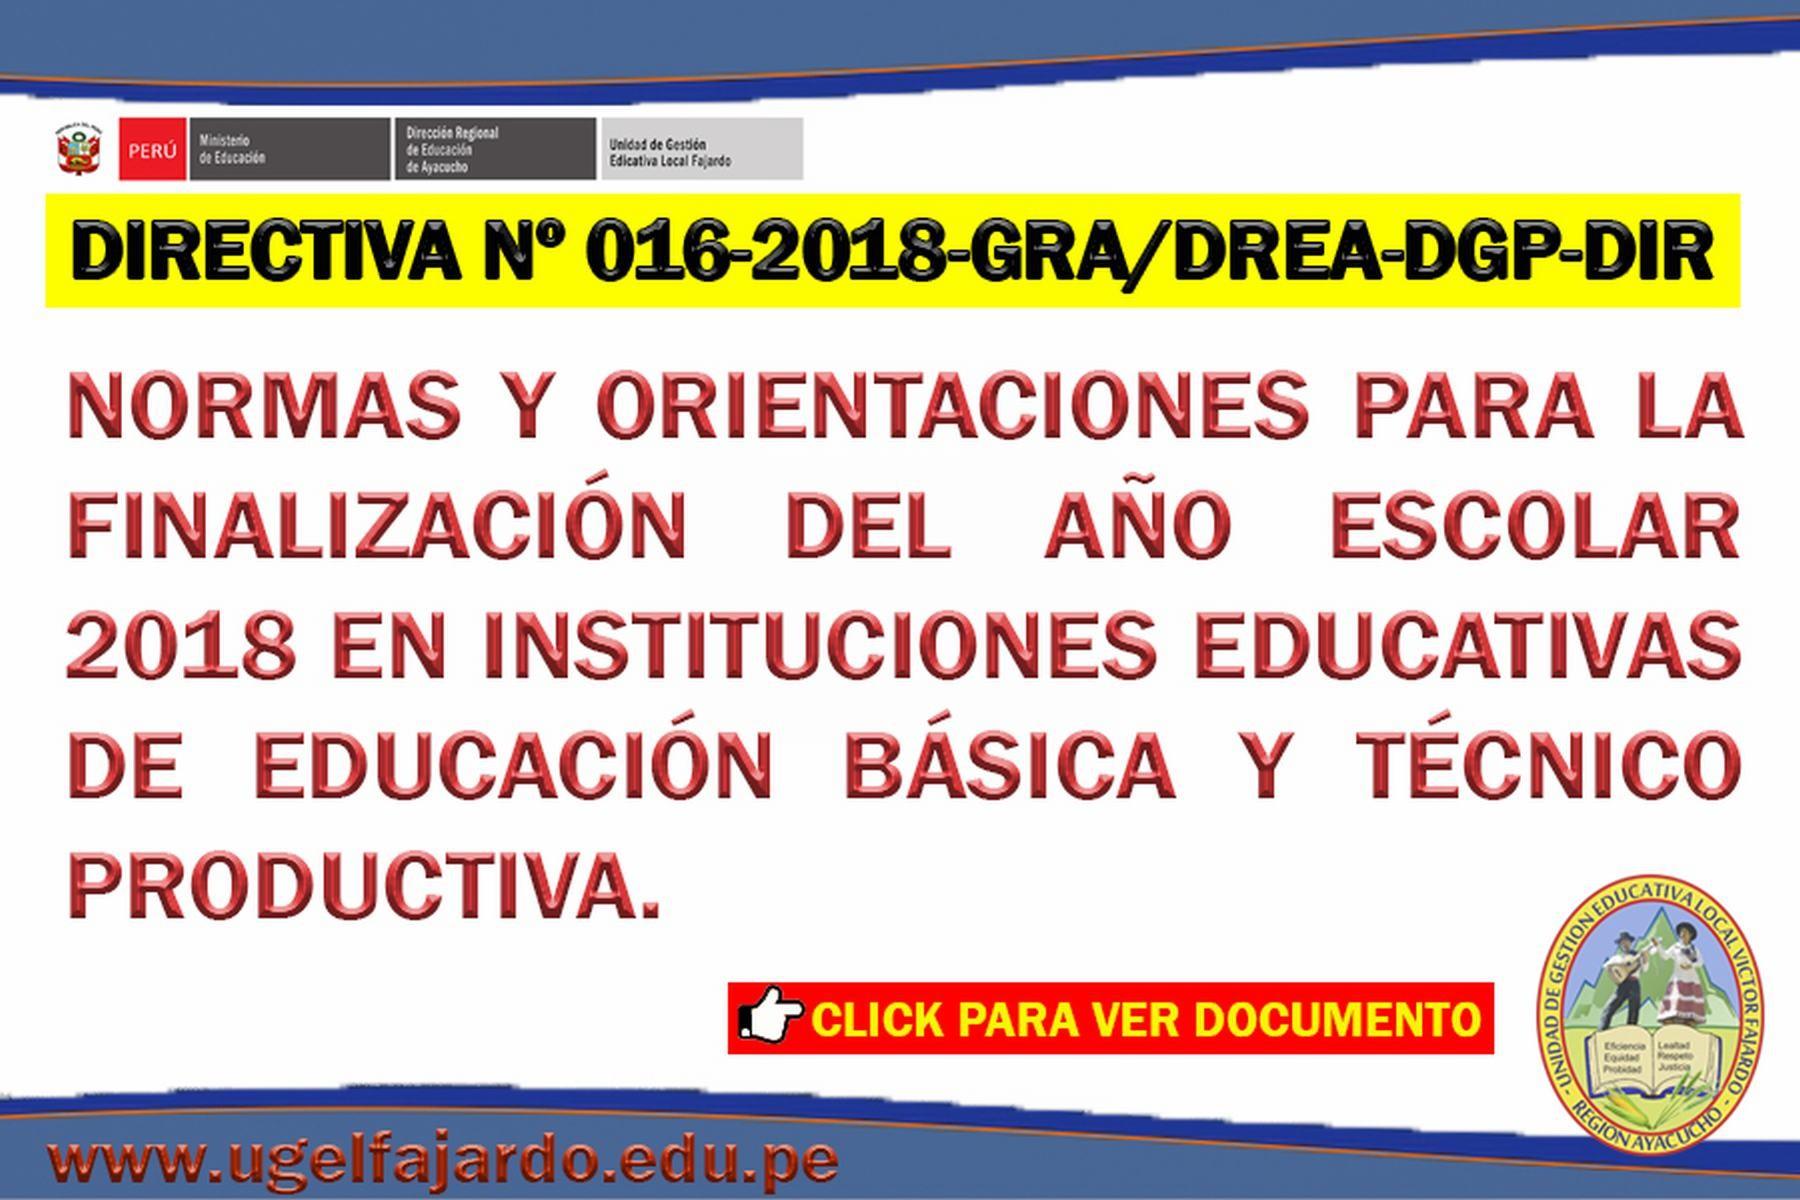 NORMAS Y ORIENTACIONES PARA LA FINALIZACION DEL A'O ESCOLAR 2018